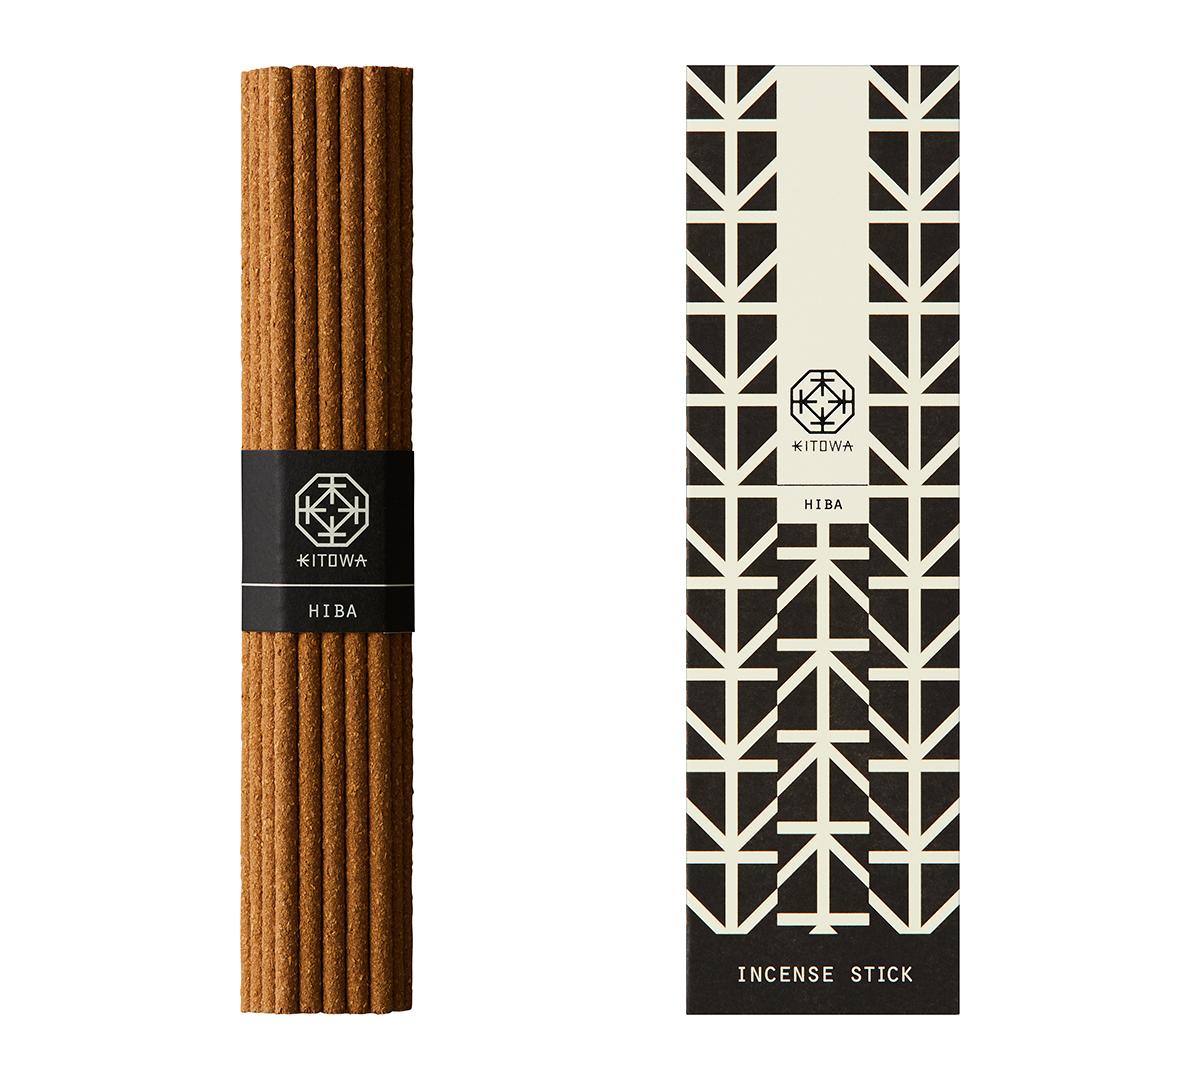 HIBA(青森ヒバ)|あなたの部屋がエグゼクティブスイートになる。伝統の薫香技術が生む「香り」で、空間の模様換えが叶うインセンススティック(お香)|KITOWA